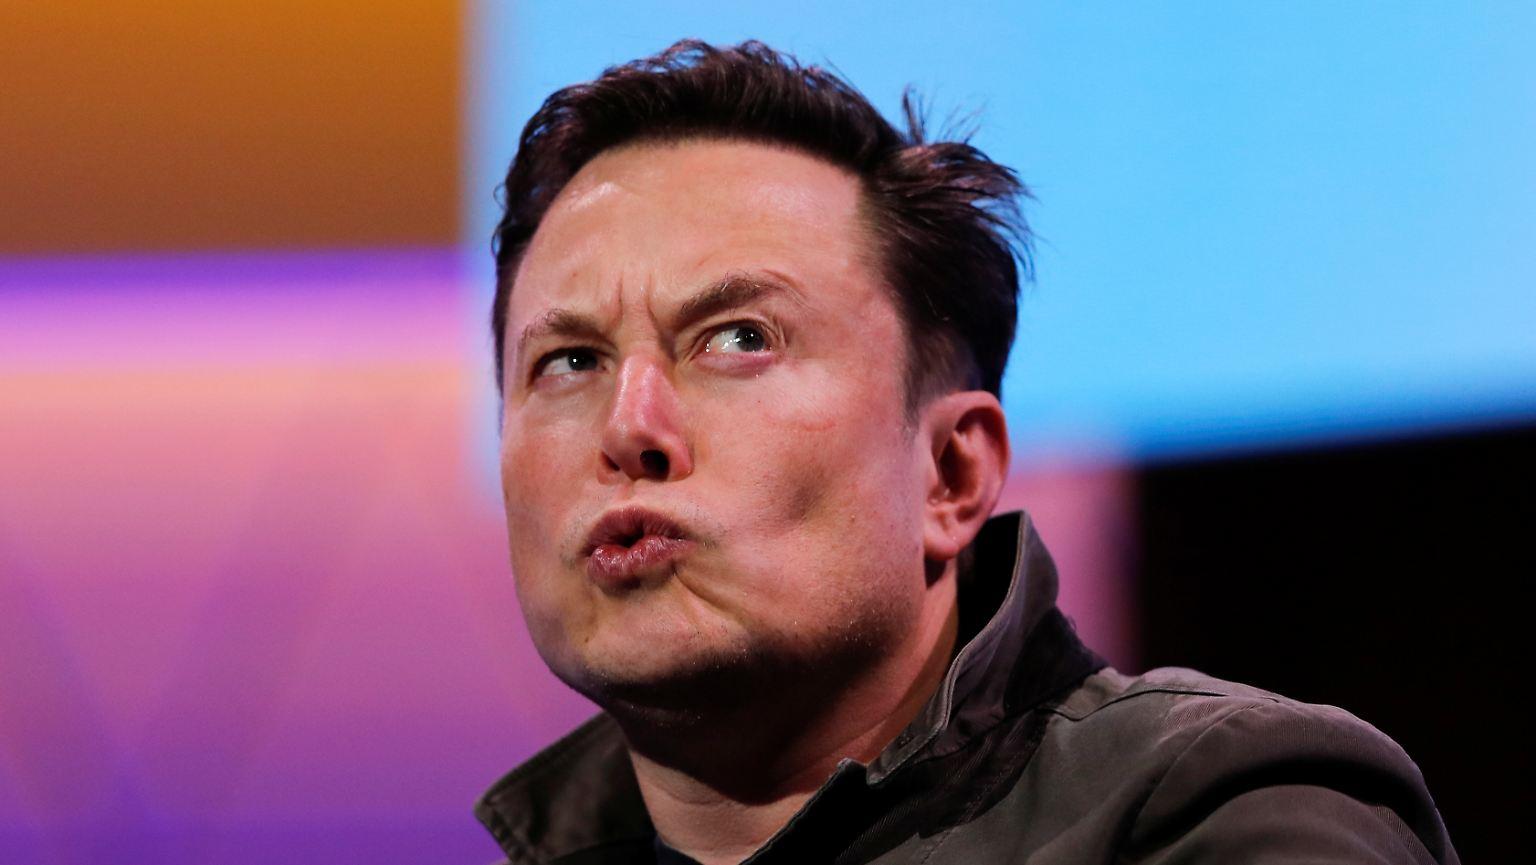 Wird der Traum zum Albtraum?: Teslas Fabrik-Coup auf der grünen Heide - n-tv.de